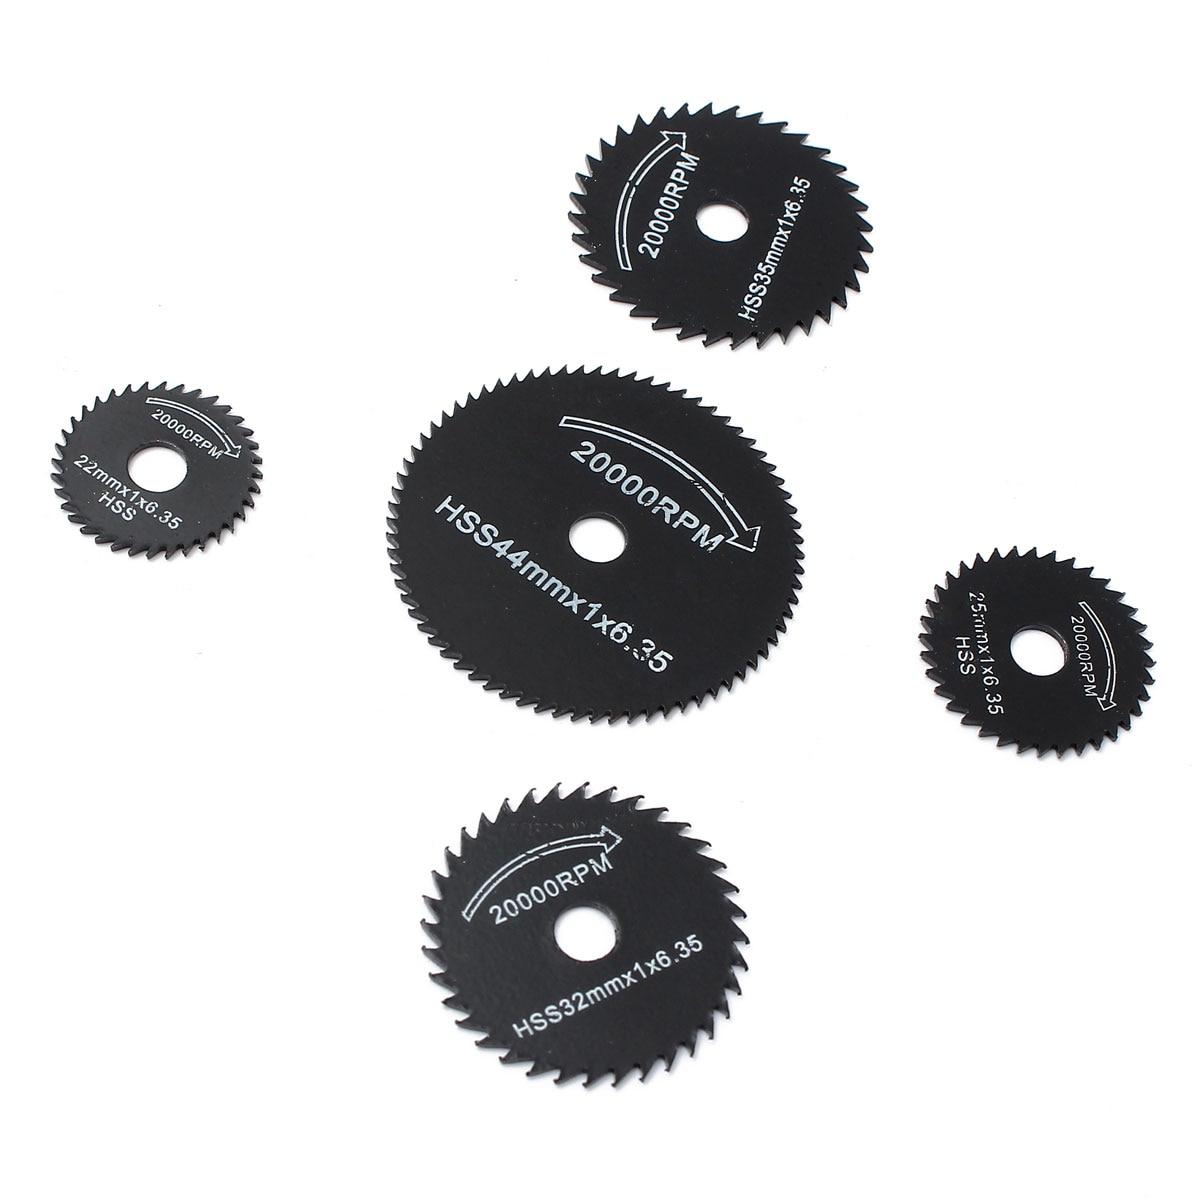 6 unids / set Metal HSS Hoja de sierra circular Discos de corte de - Hojas de sierra - foto 3